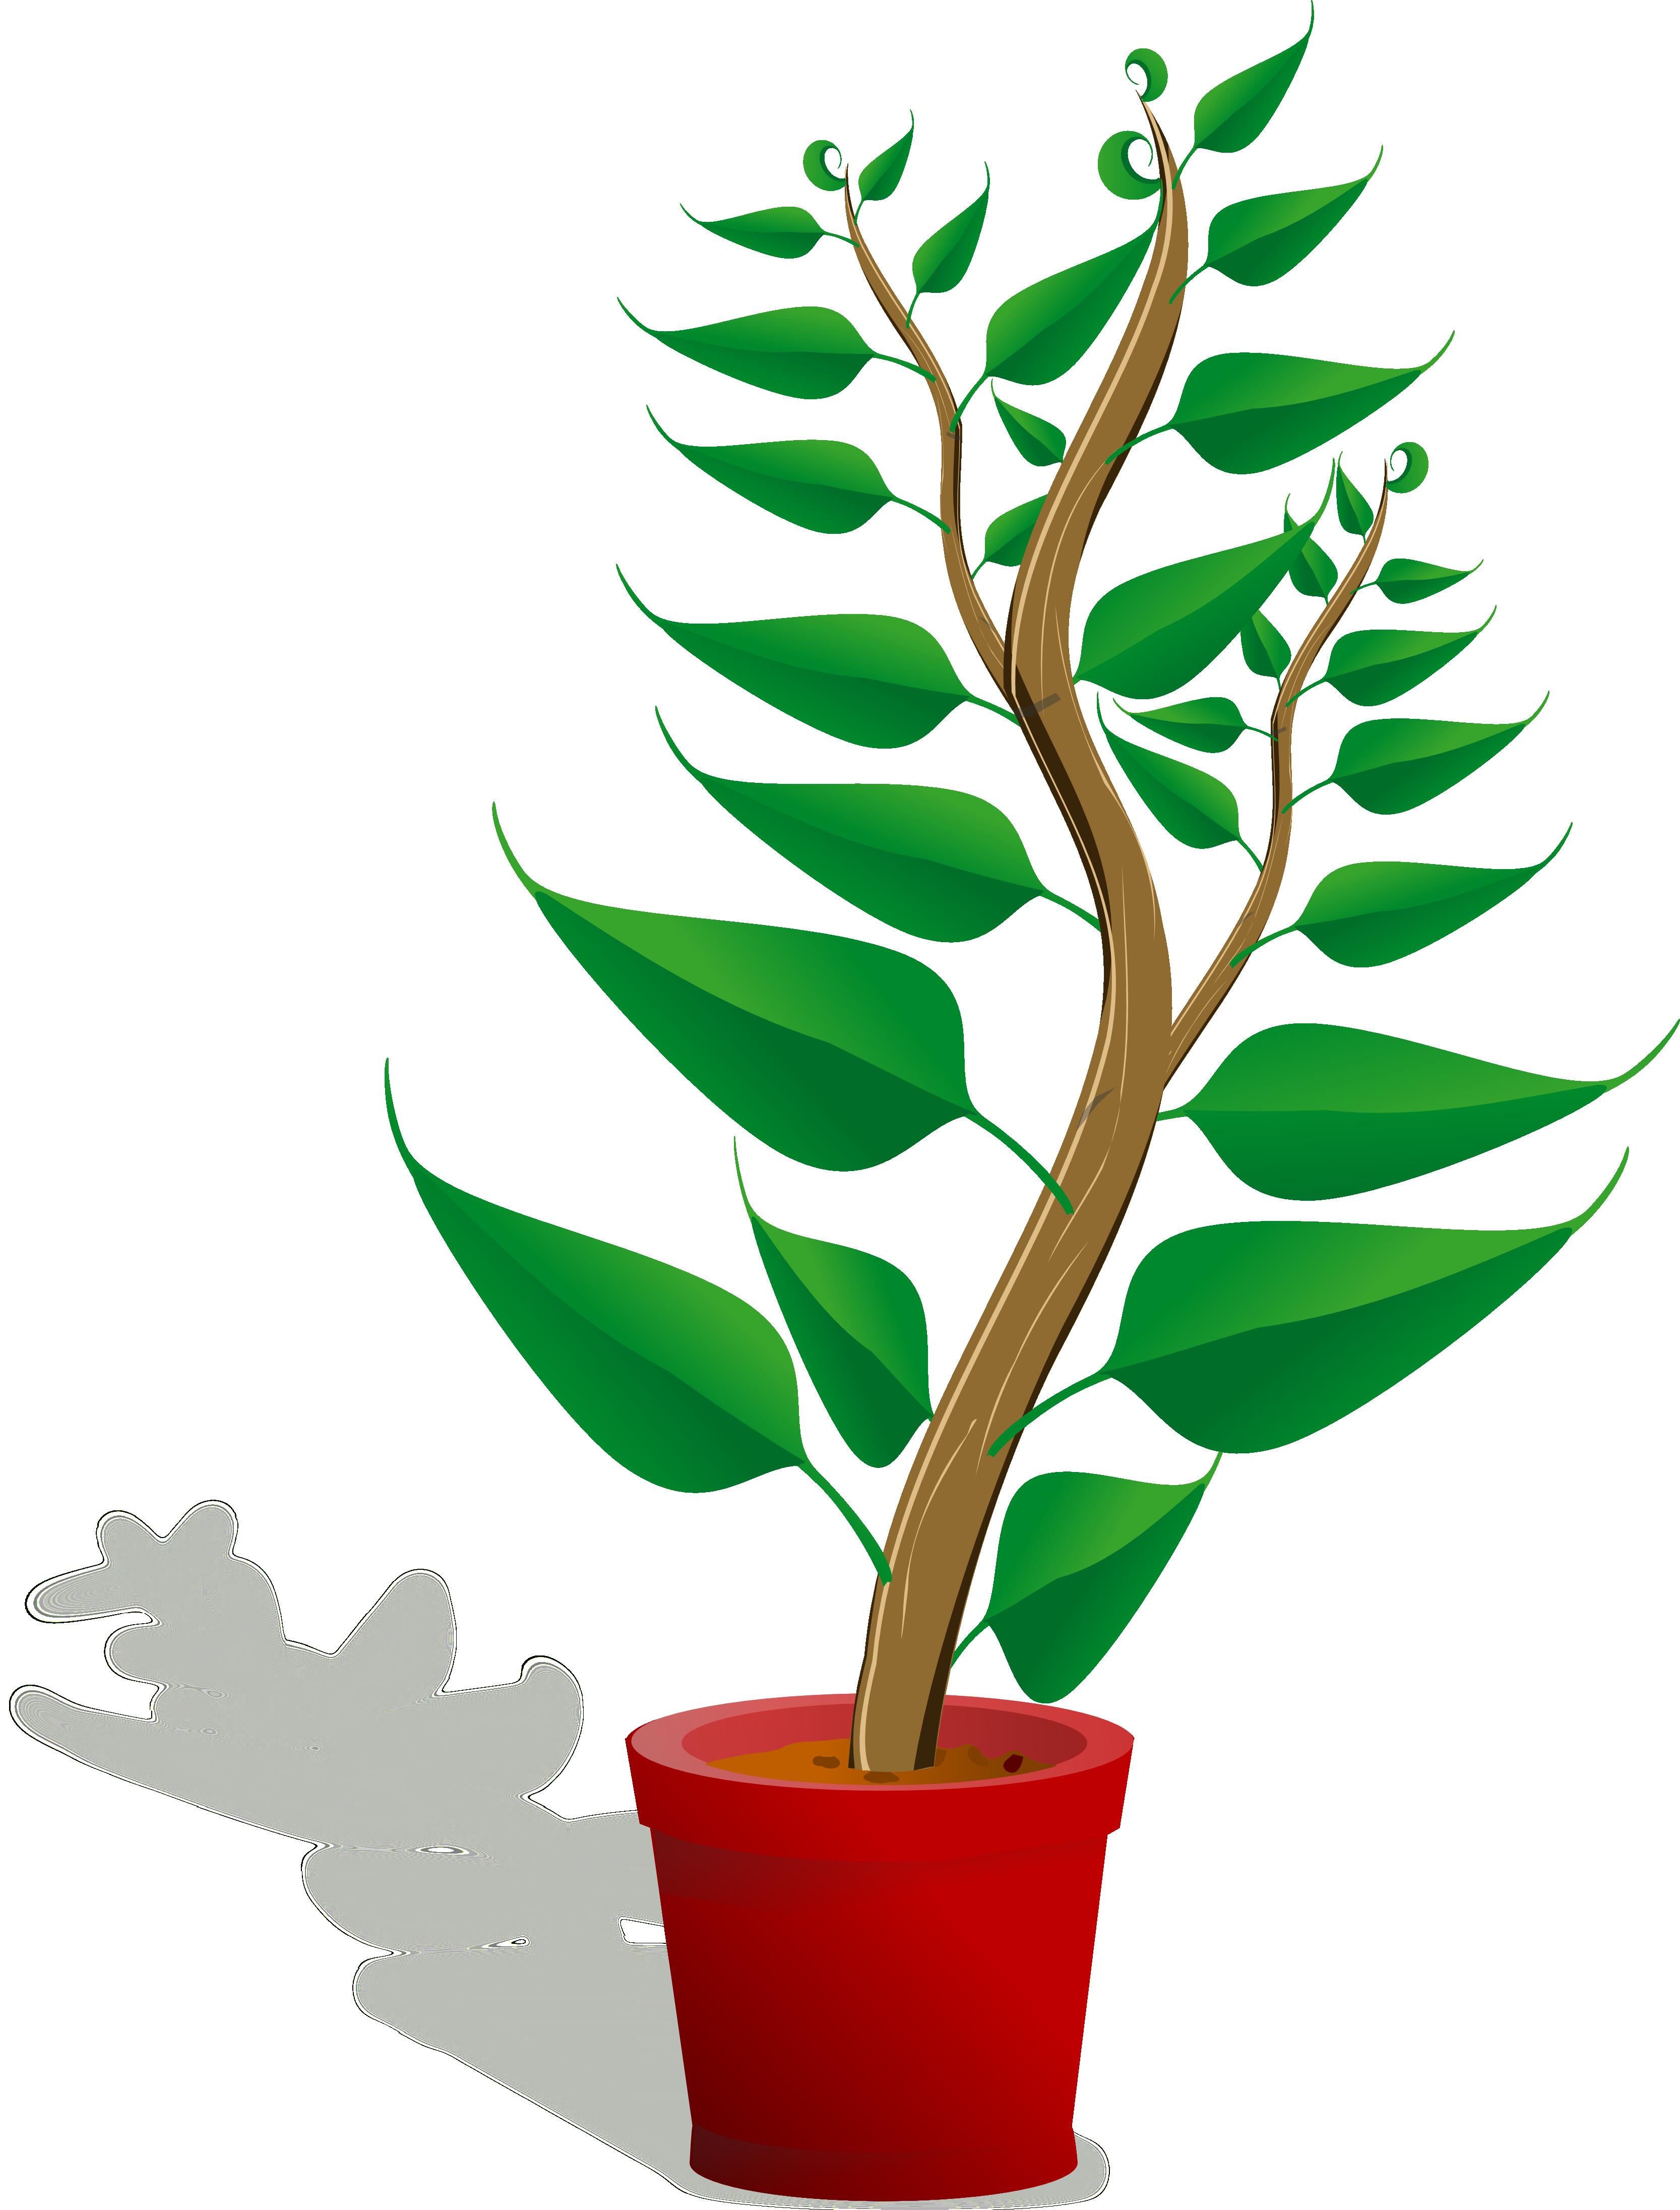 Plants clip art free clipart images.